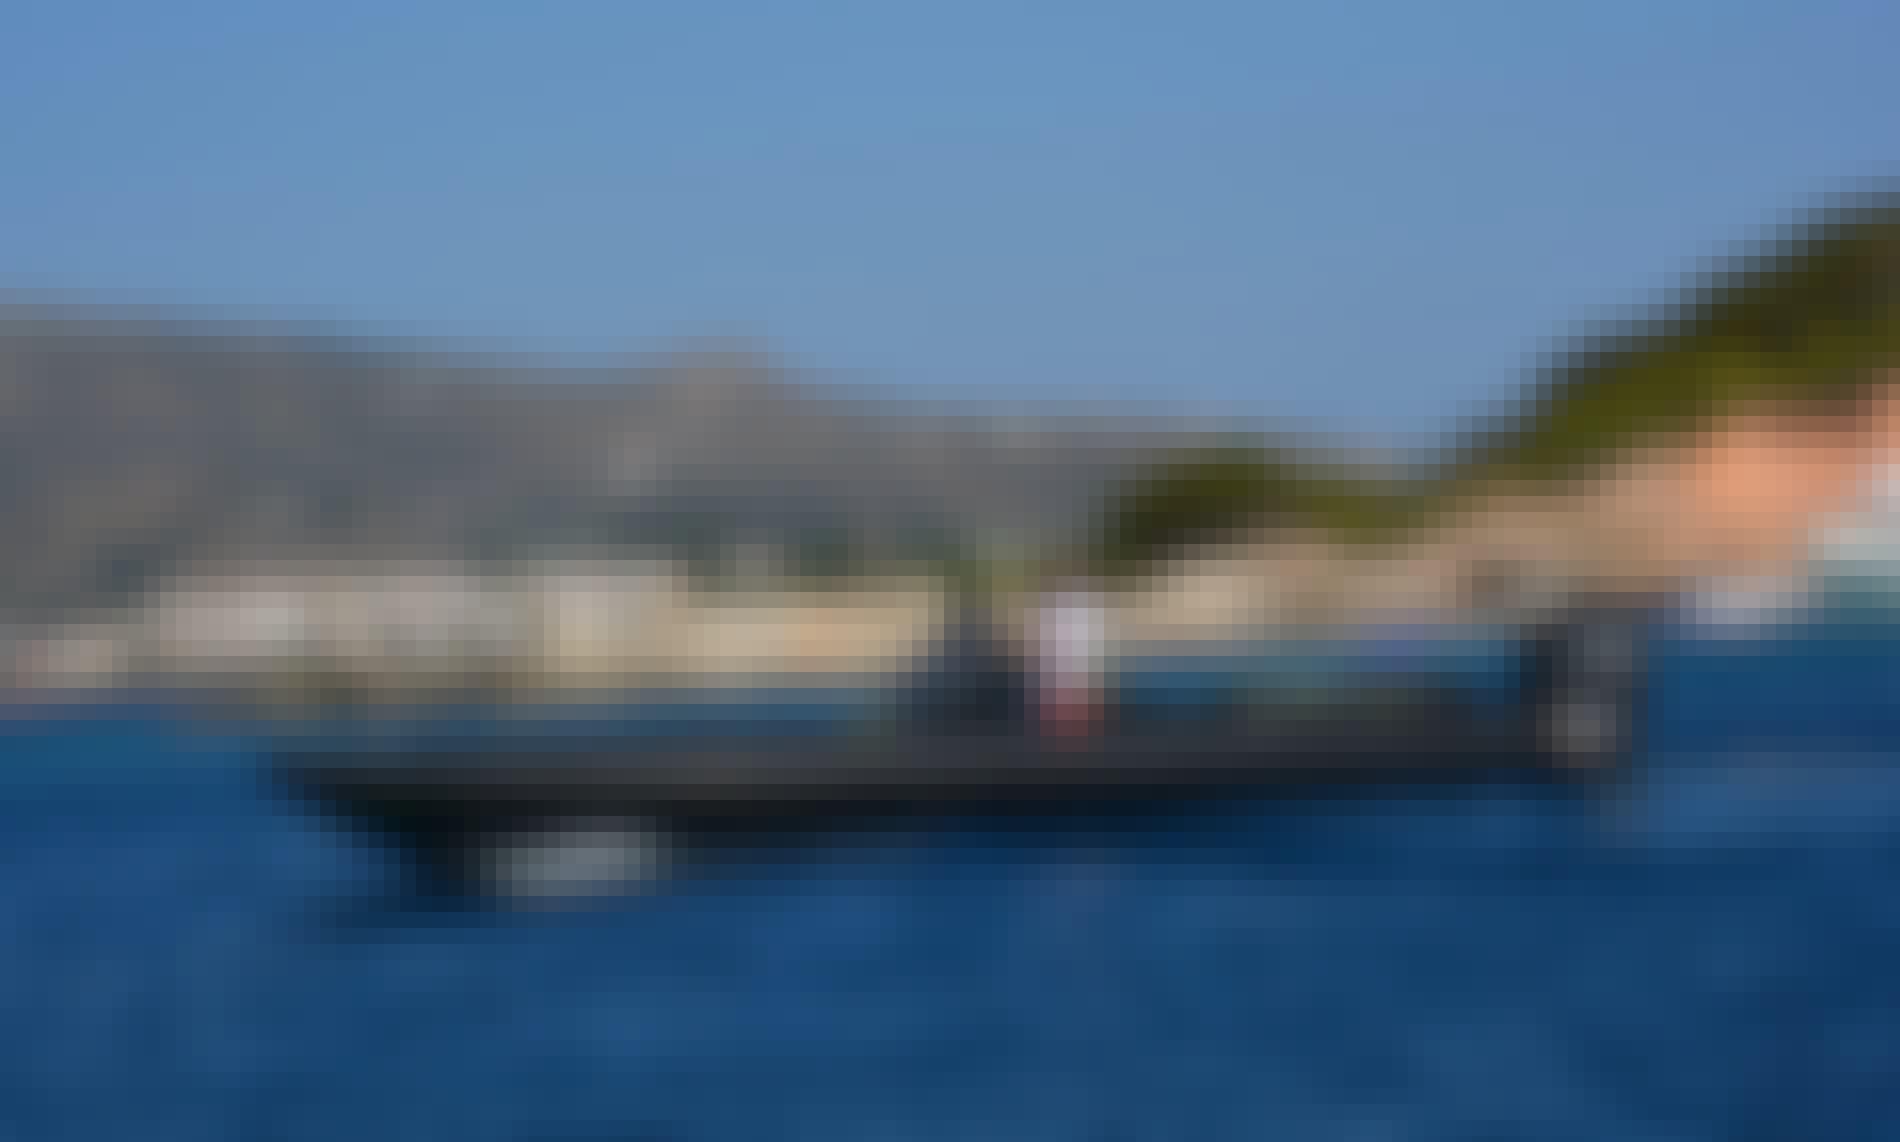 Hire Technohull GT 37 RIB with 2x300 Hp Verado Outboard in Elliniko, Greece!